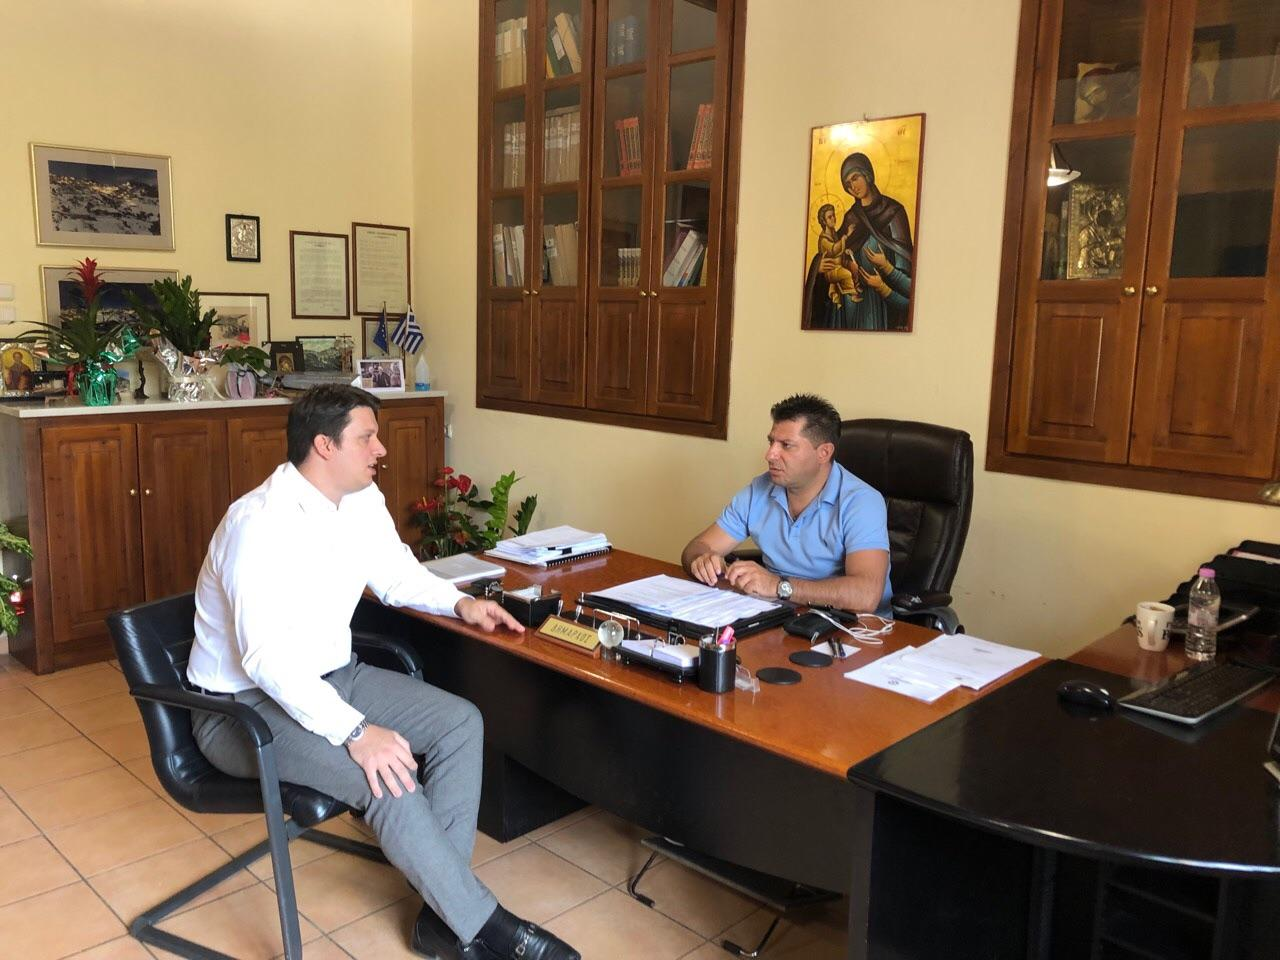 Συνάντηση του Προέδρου του Κ.Κ.Π. Περιφέρειας Στερεάς Ελλάδας, κ. Θεόδωρου Δημόπουλου με τον νέο Δήμαρχο Δομοκού, κ. Χαράλαμπο Λιόλιο